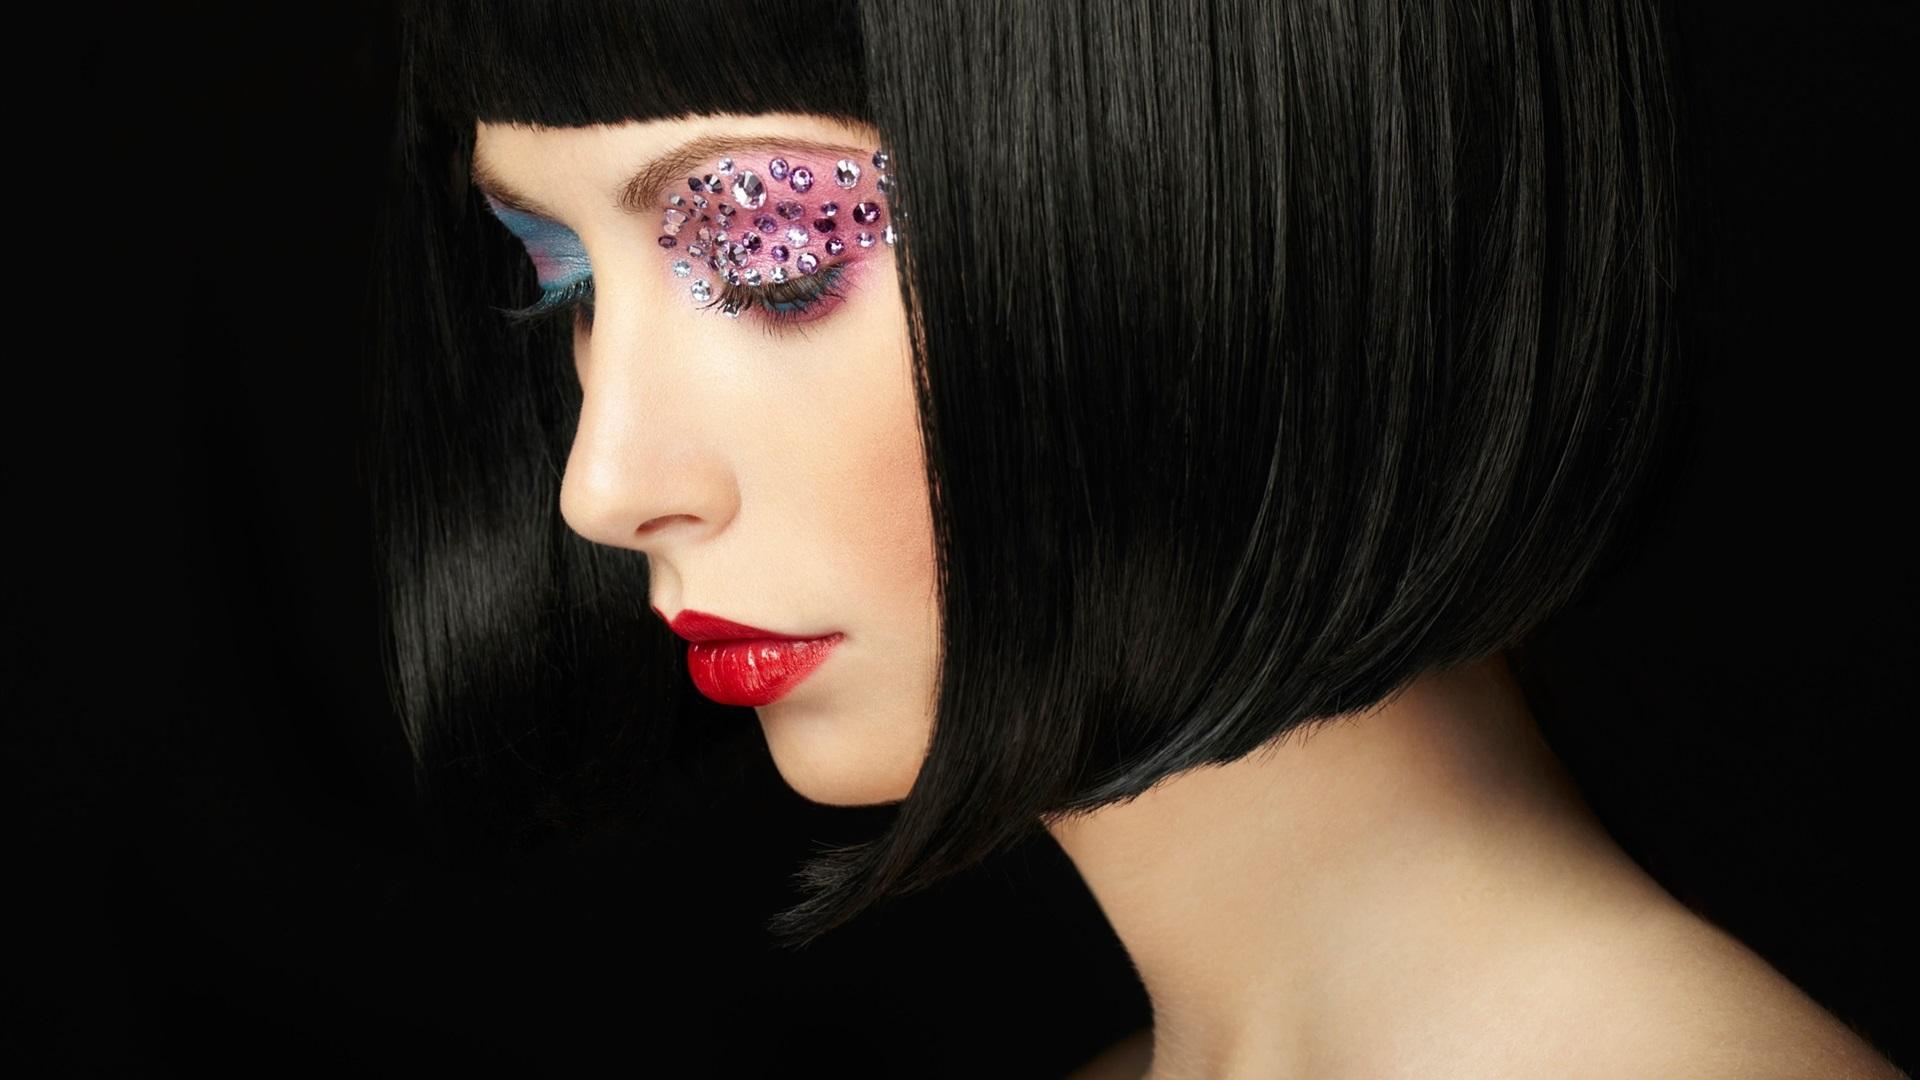 壁紙 ファッションの女の子 メイク リップ 短い髪 19x10 Hd 無料のデスクトップの背景 画像